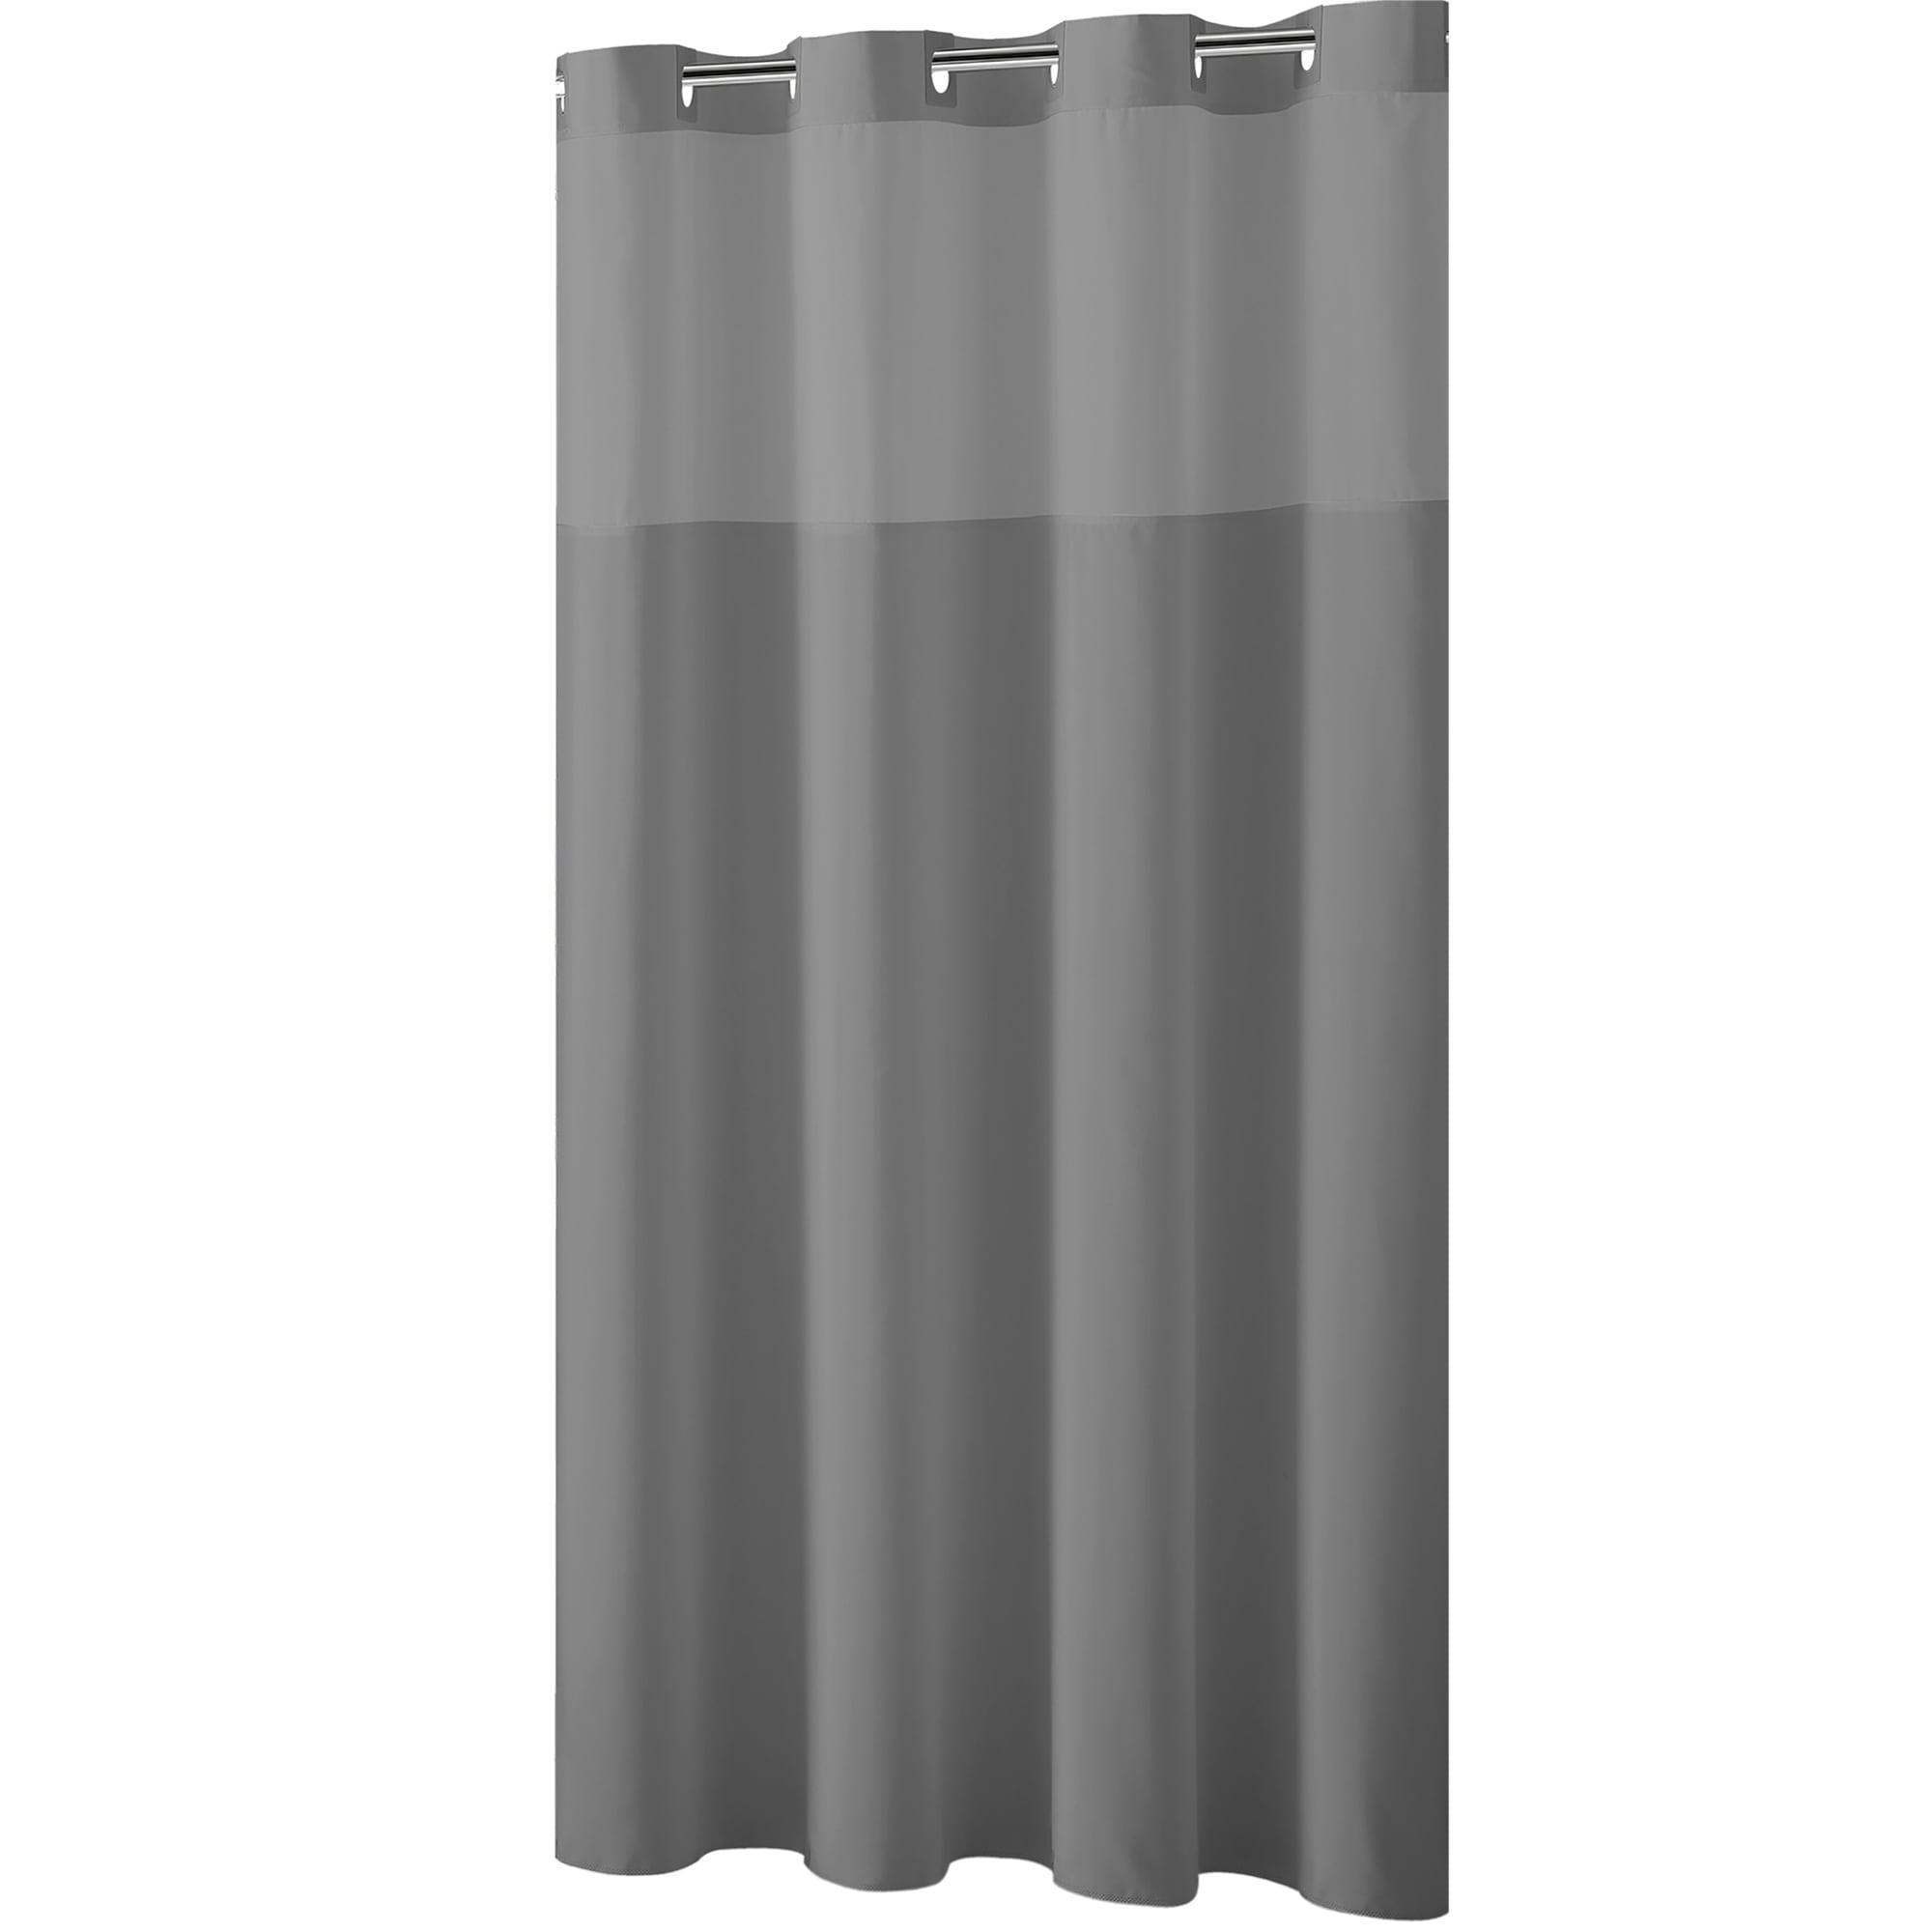 Shop HooklessR Shower Curtain Plain Weave Frost Grey